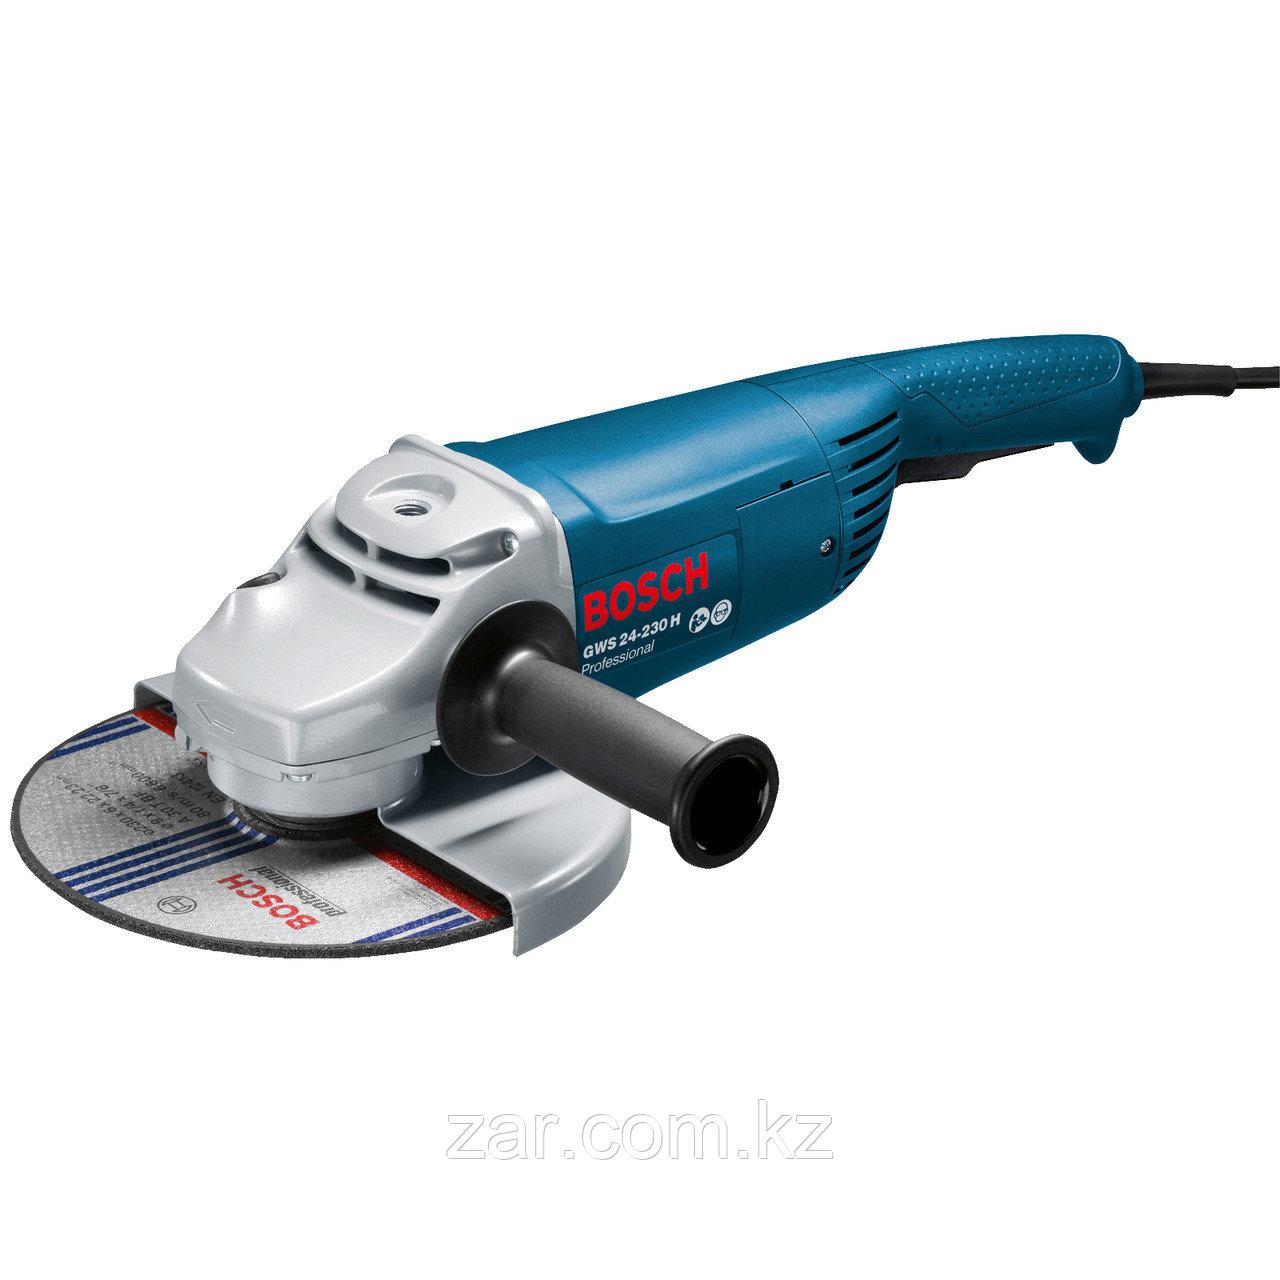 Угловая шлифмашина Bosch GWS 24-230 H 0601884103